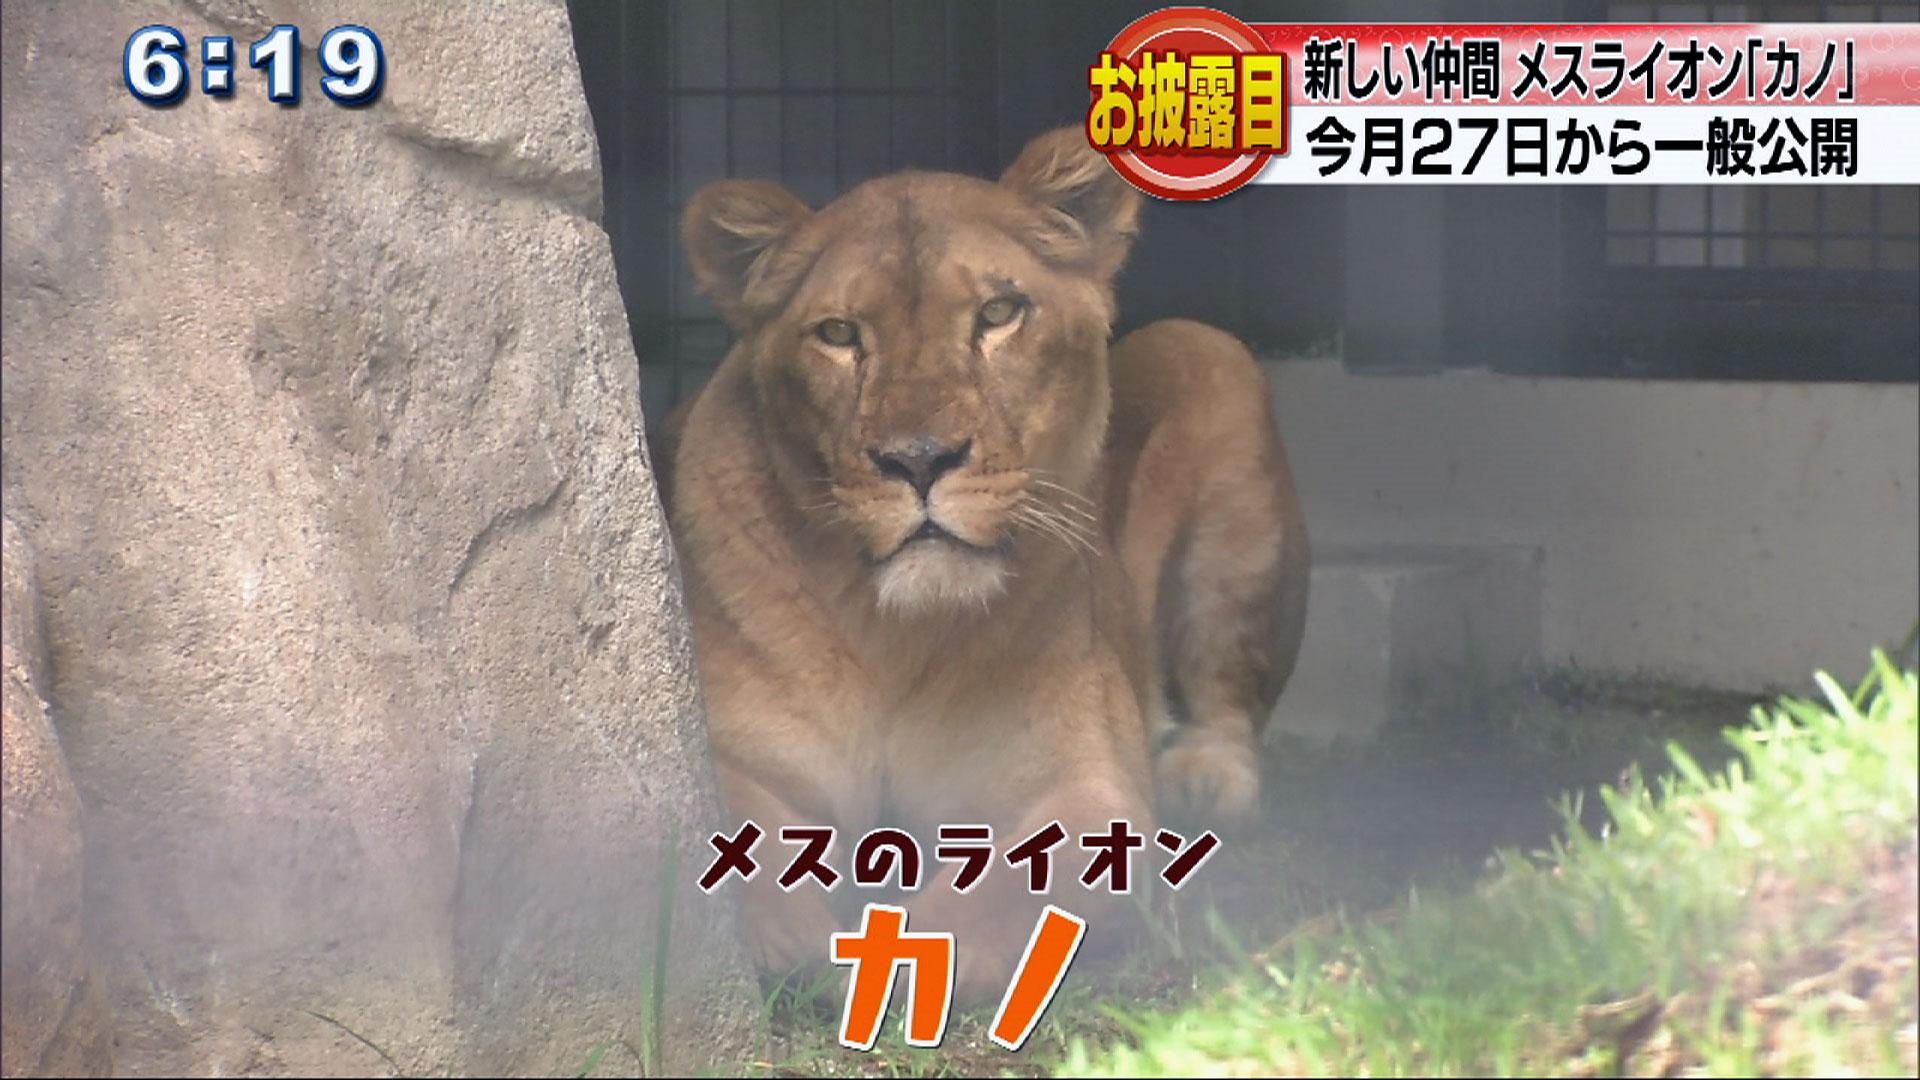 沖縄こども国に雌ライオンが仲間入り